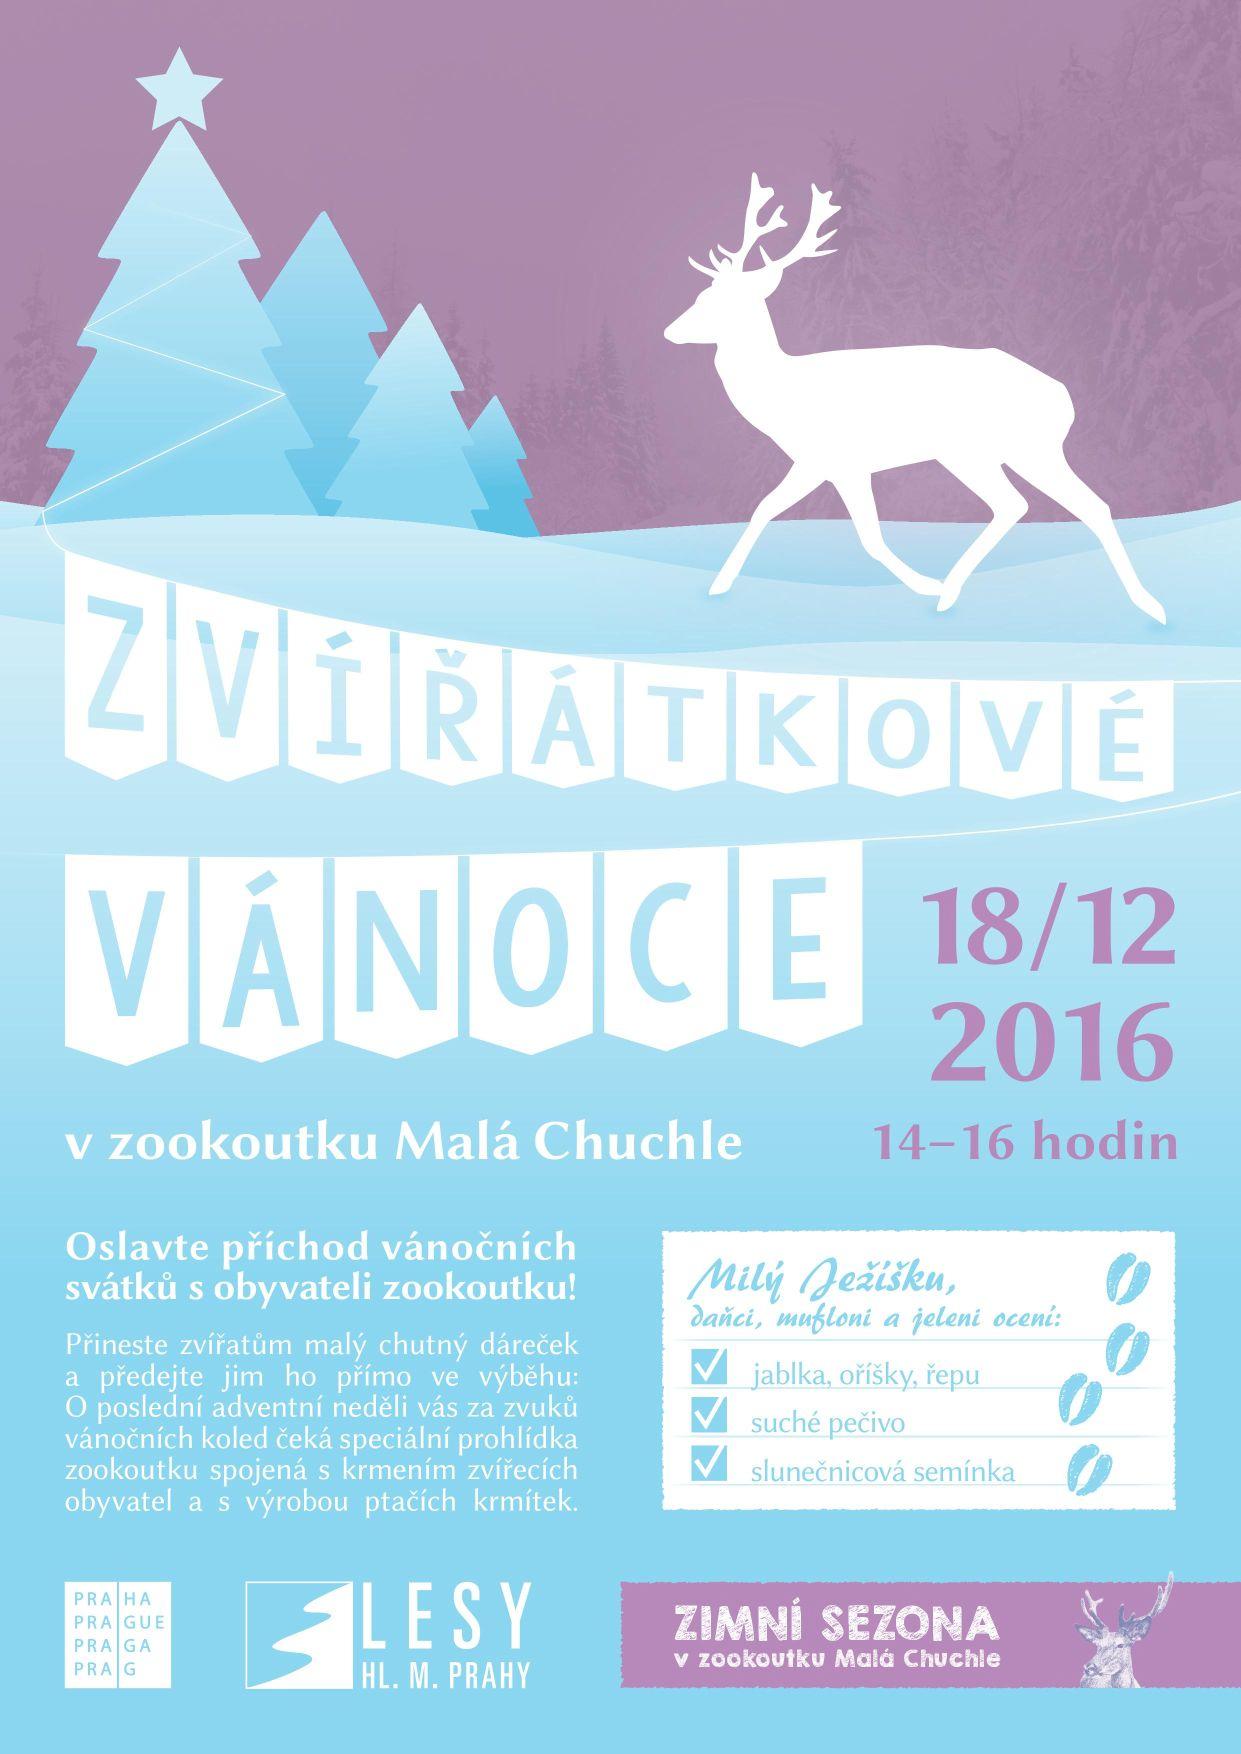 zviratkove-vanoce-2016